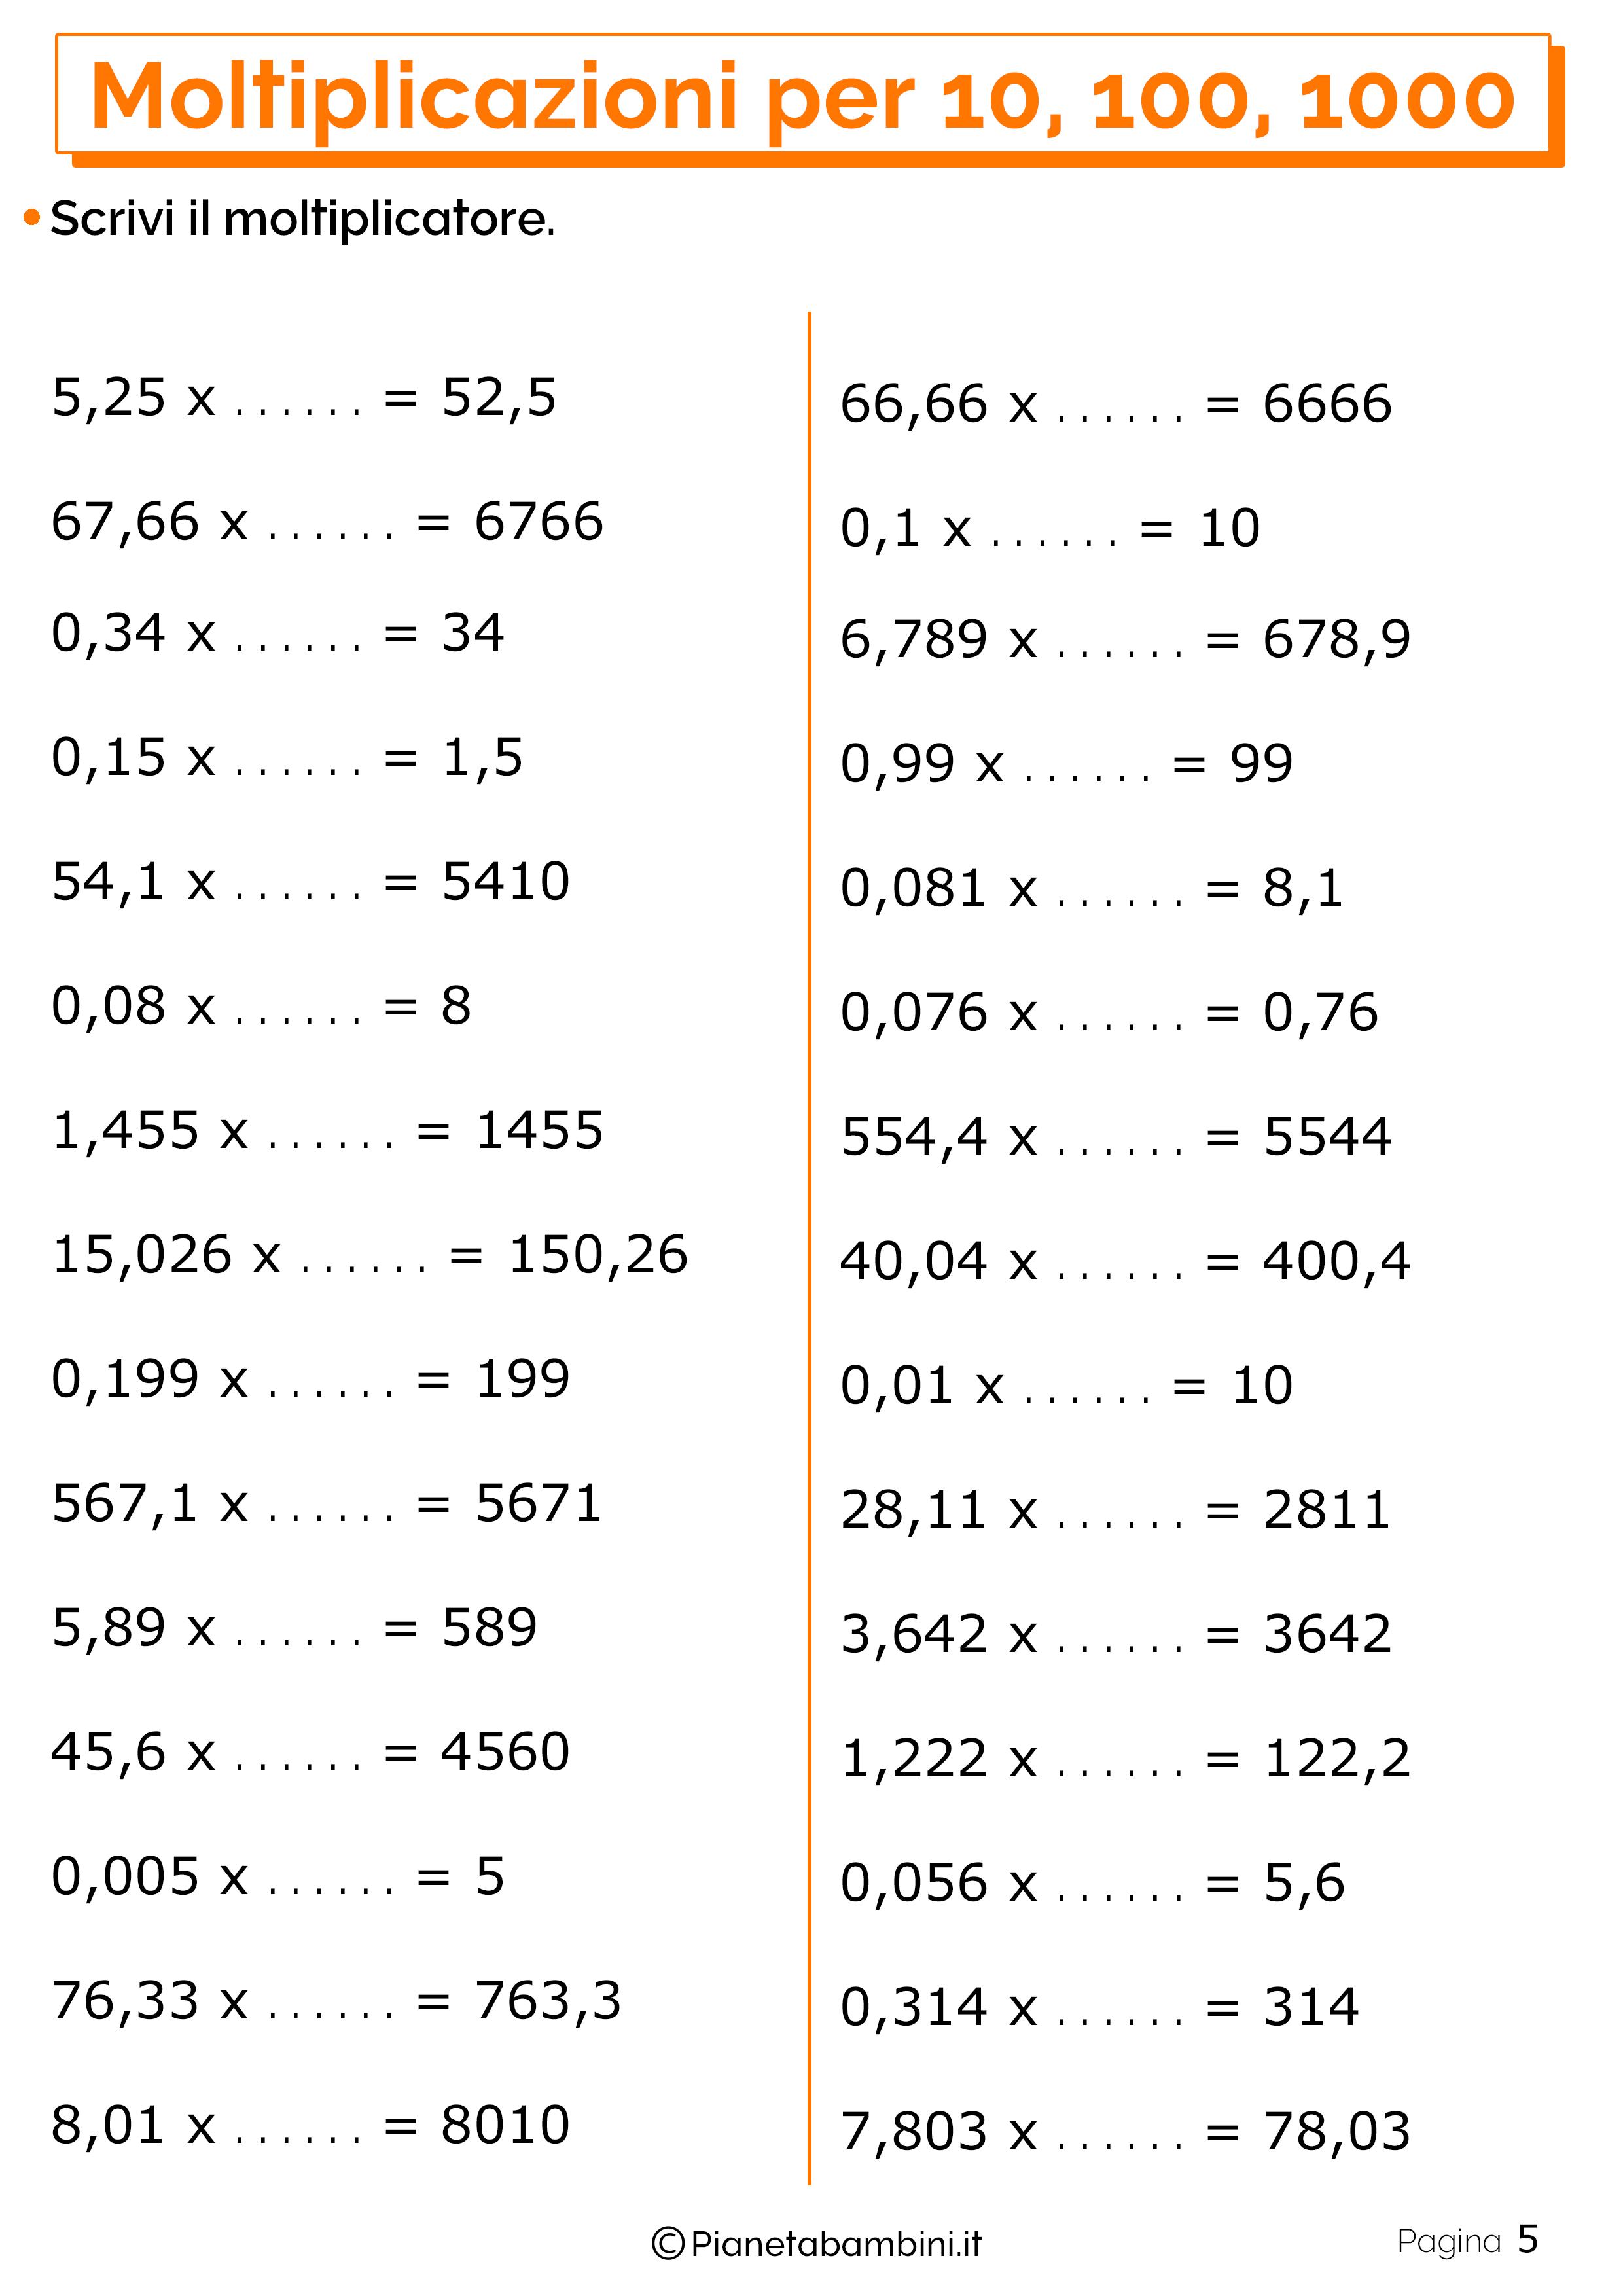 Schede didattiche moltiplicazioni 10 100 1000_5